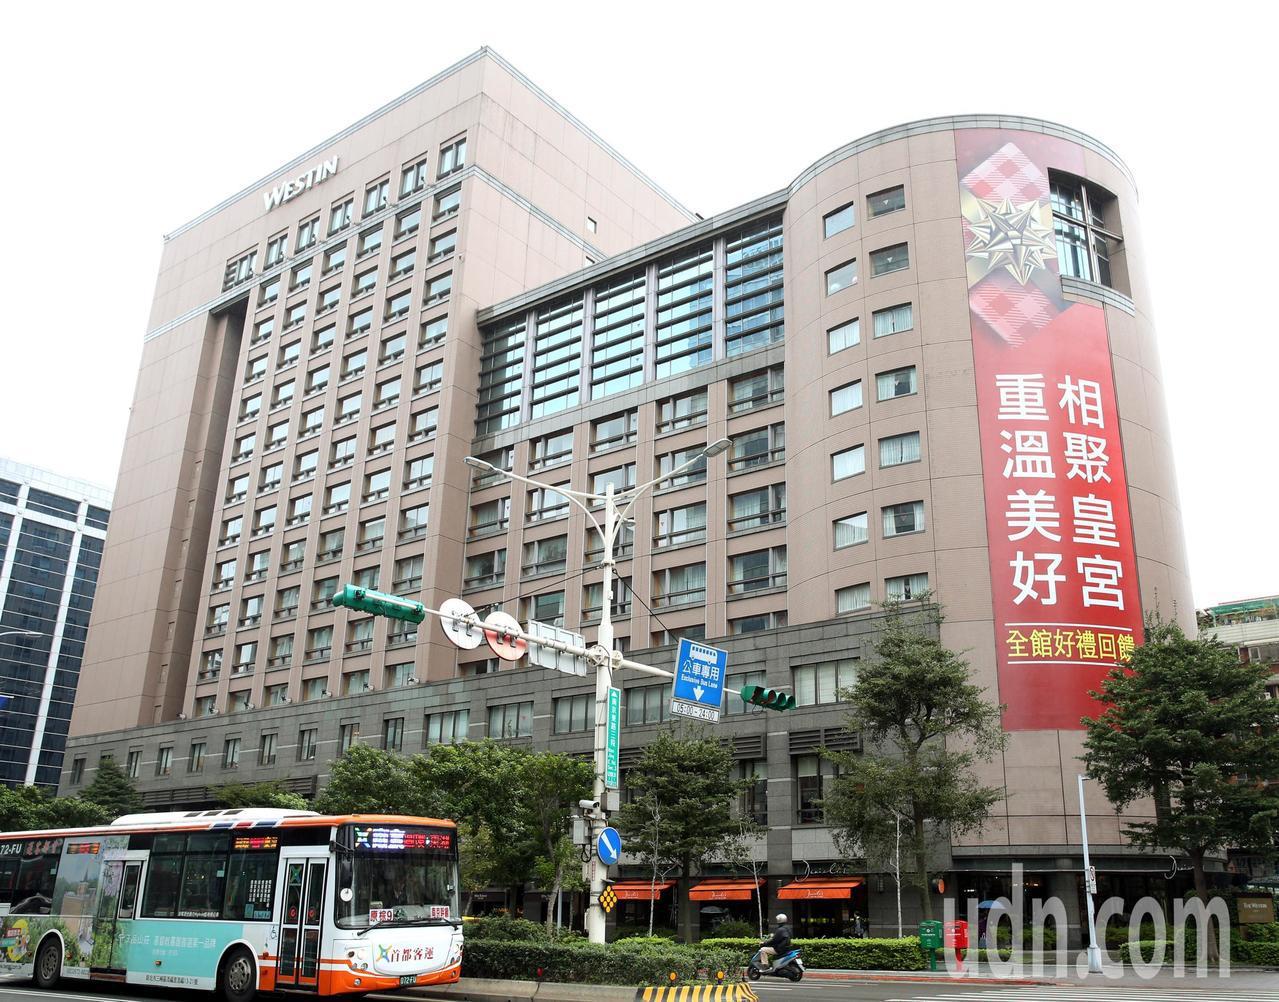 位於台北南京商圈的六福皇宮,營業最後一天的住房率仍高達九成。記者侯永全/攝影